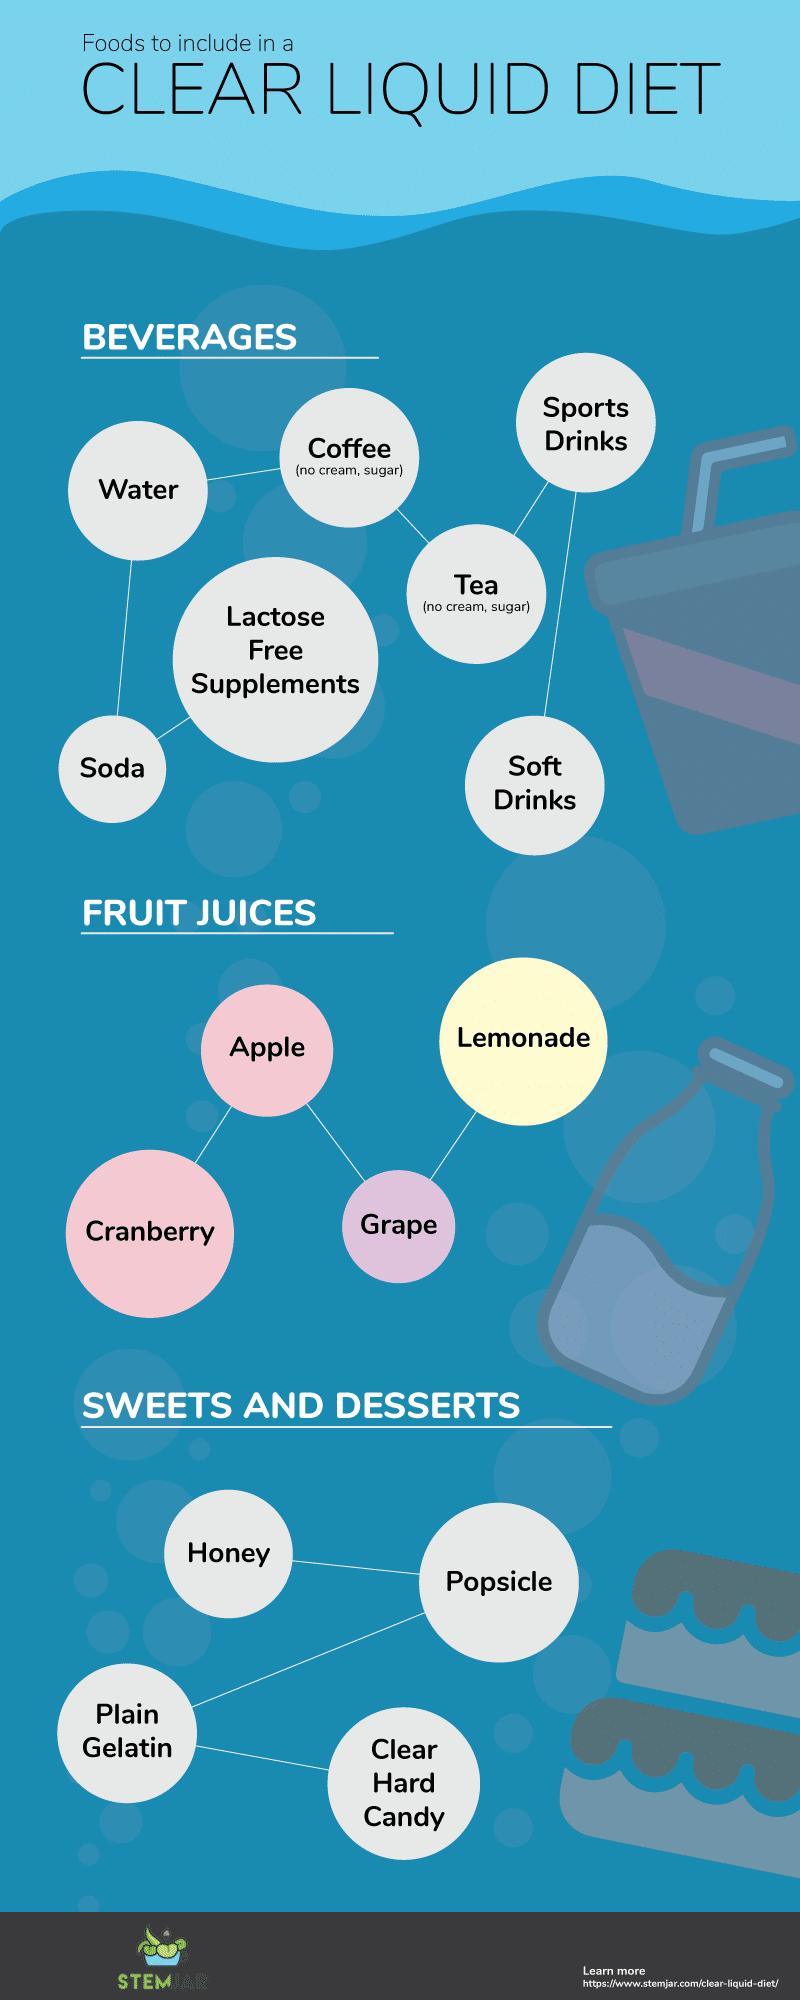 Clear Liquid Diet Basics & What to Eat? Clear liquid